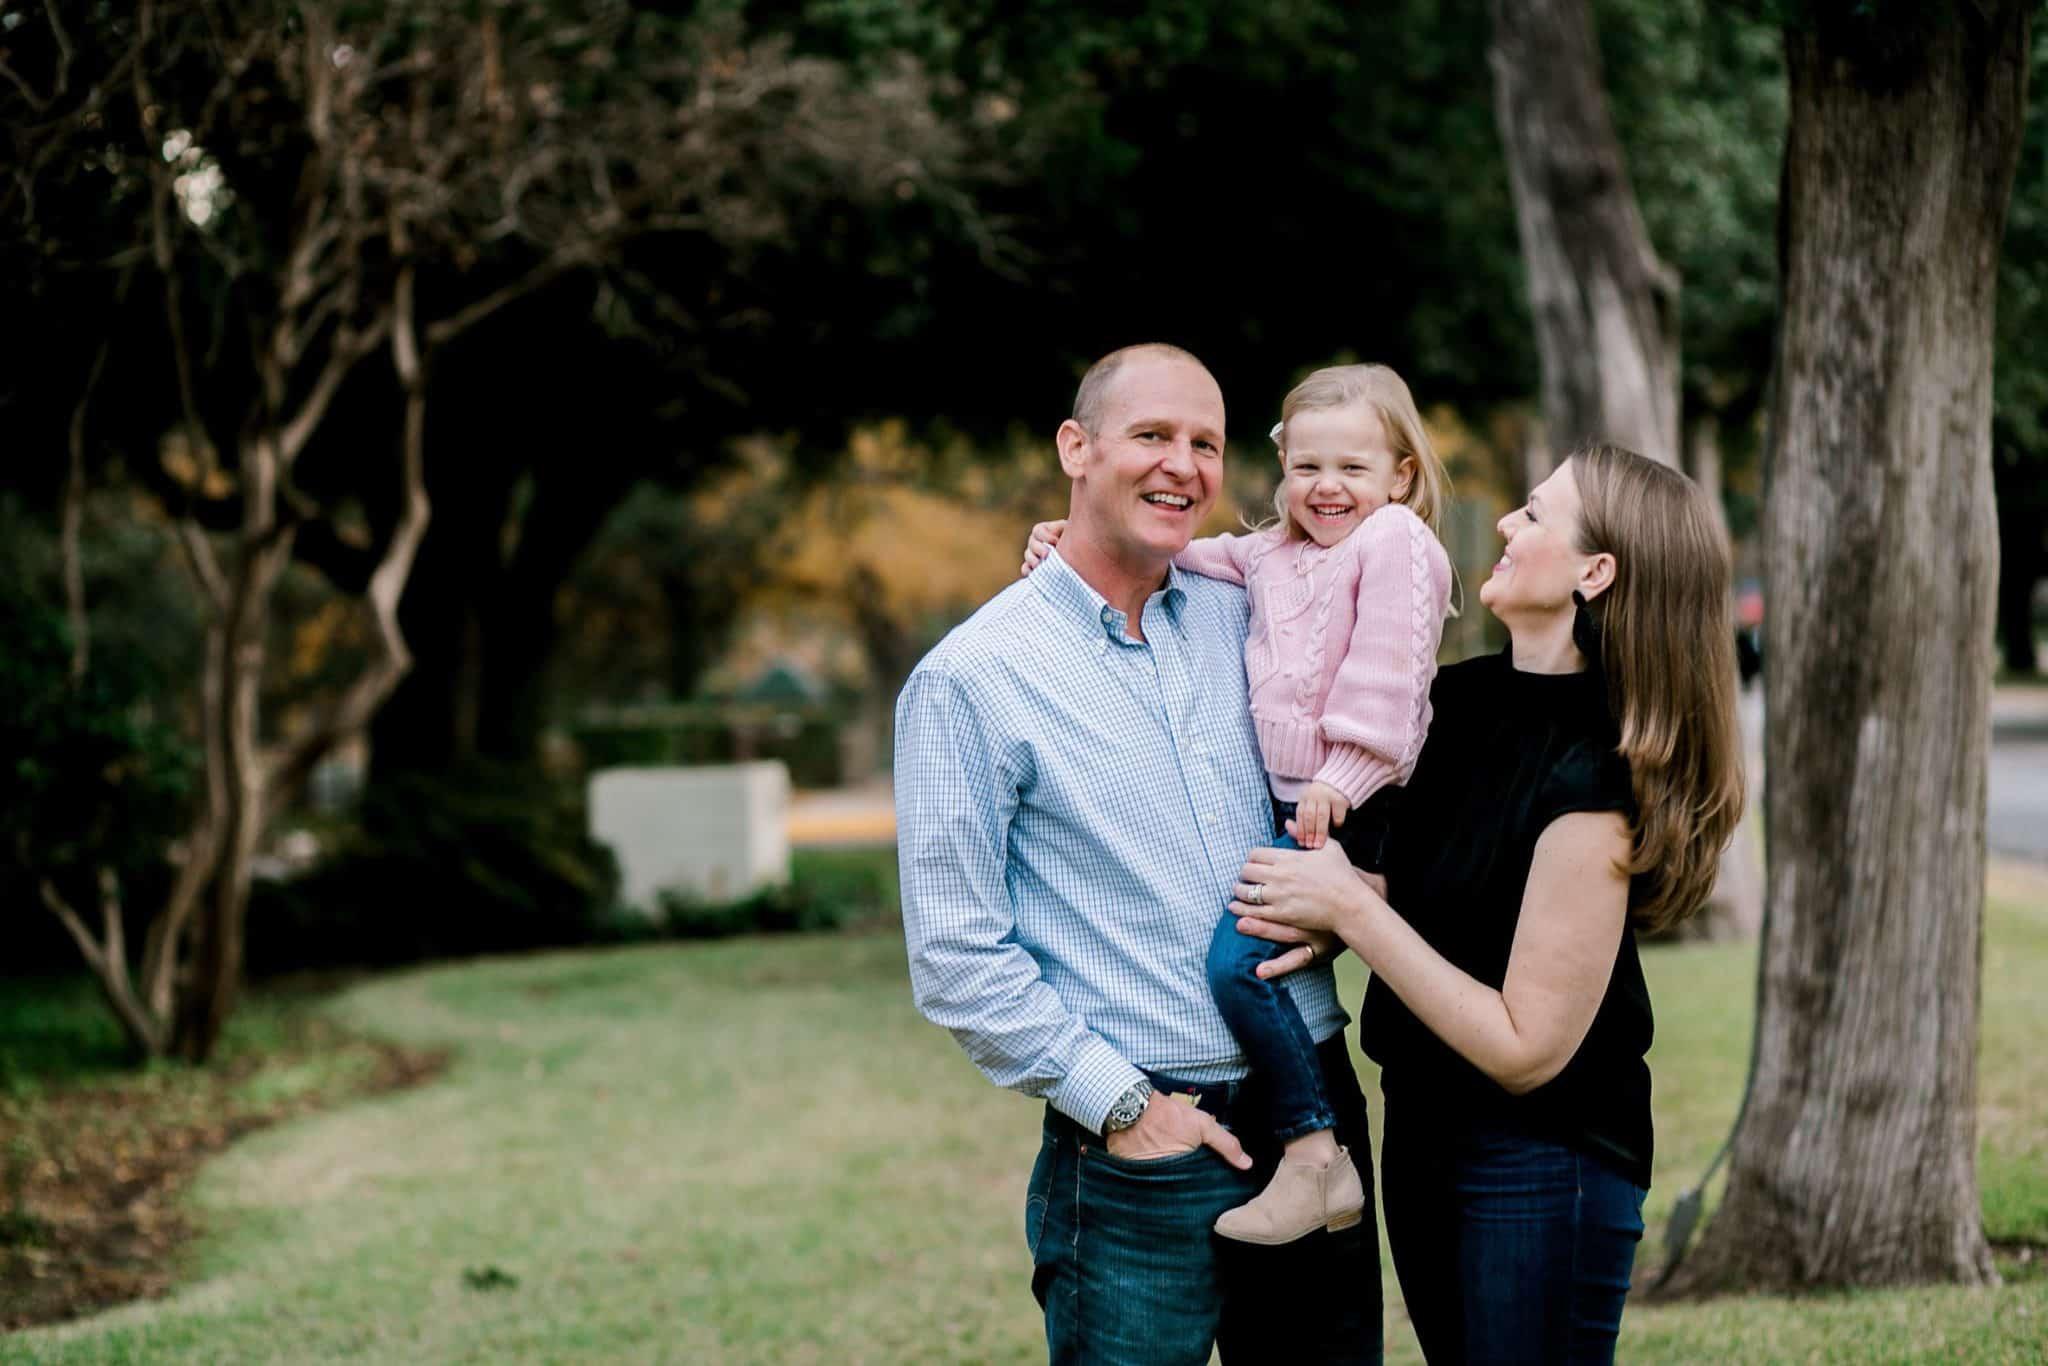 Shield family photo